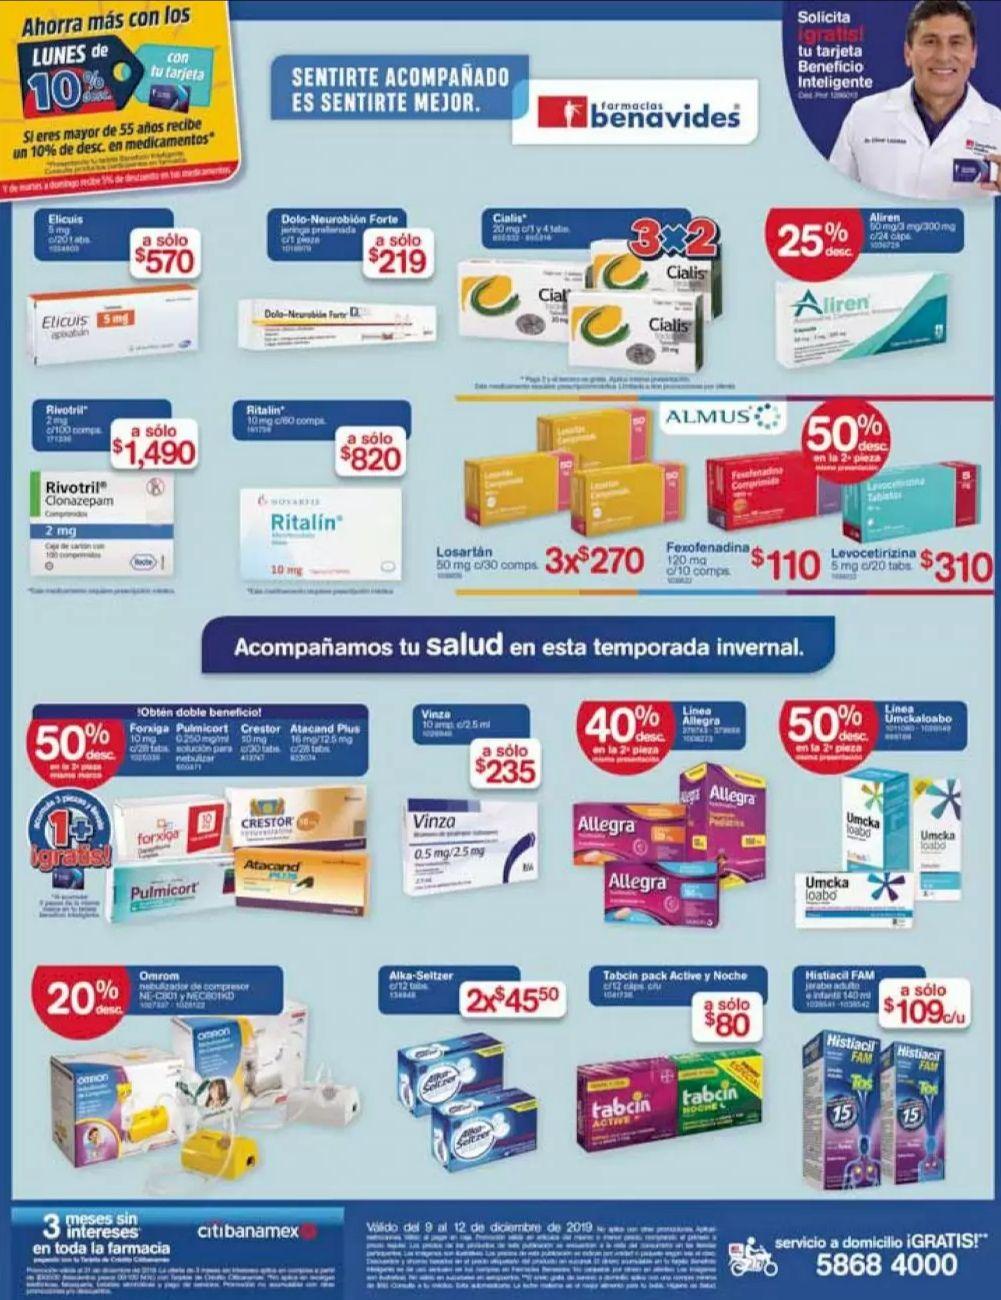 Farmacias Benavides: Ofertas del Lunes 9 al Jueves 12 de Diciembre